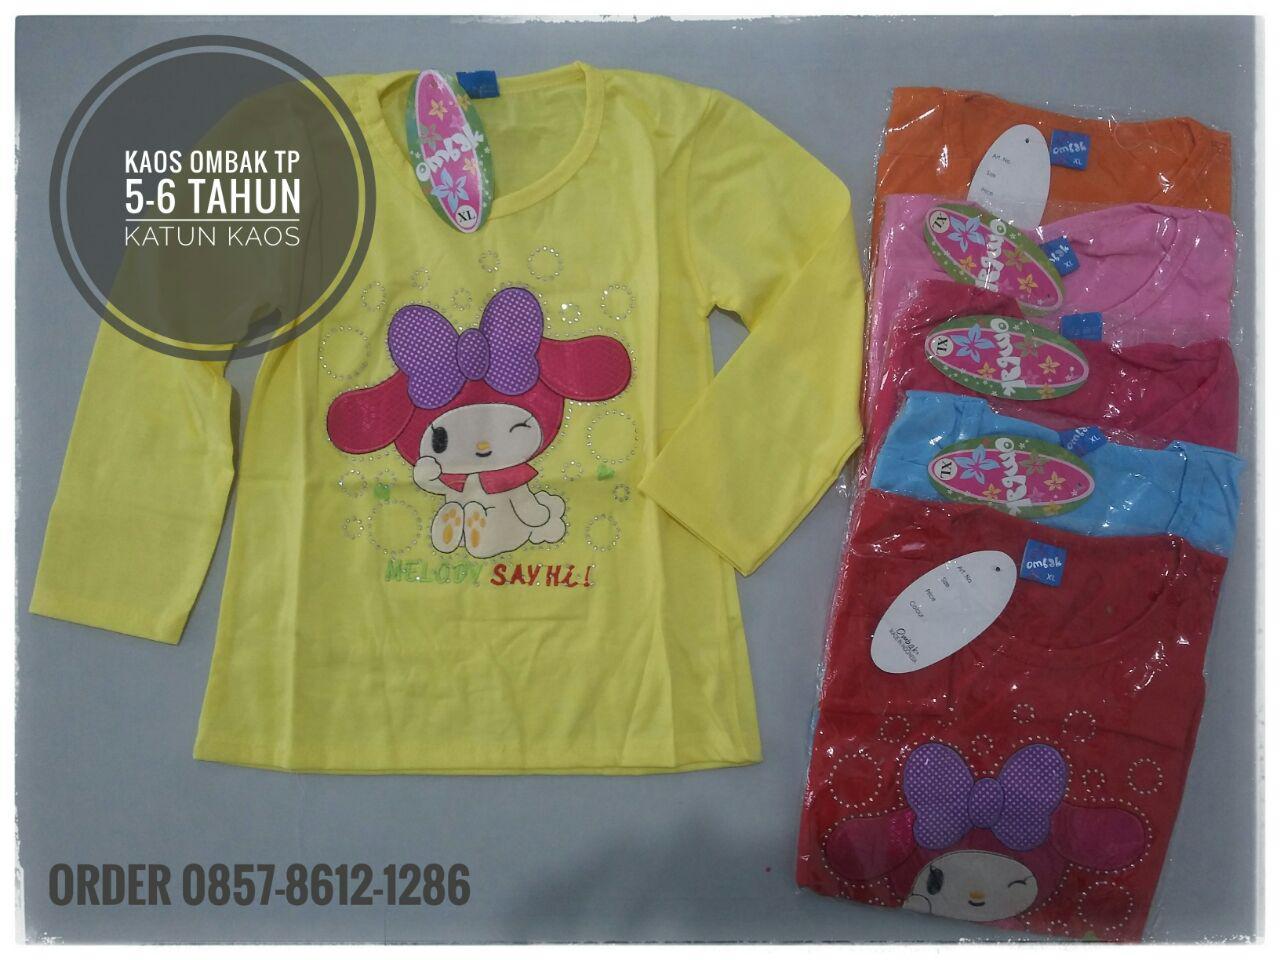 ObralanBaju.com Obral Baju Pakaian Murah Meriah 5000 Kaos Ombak TP